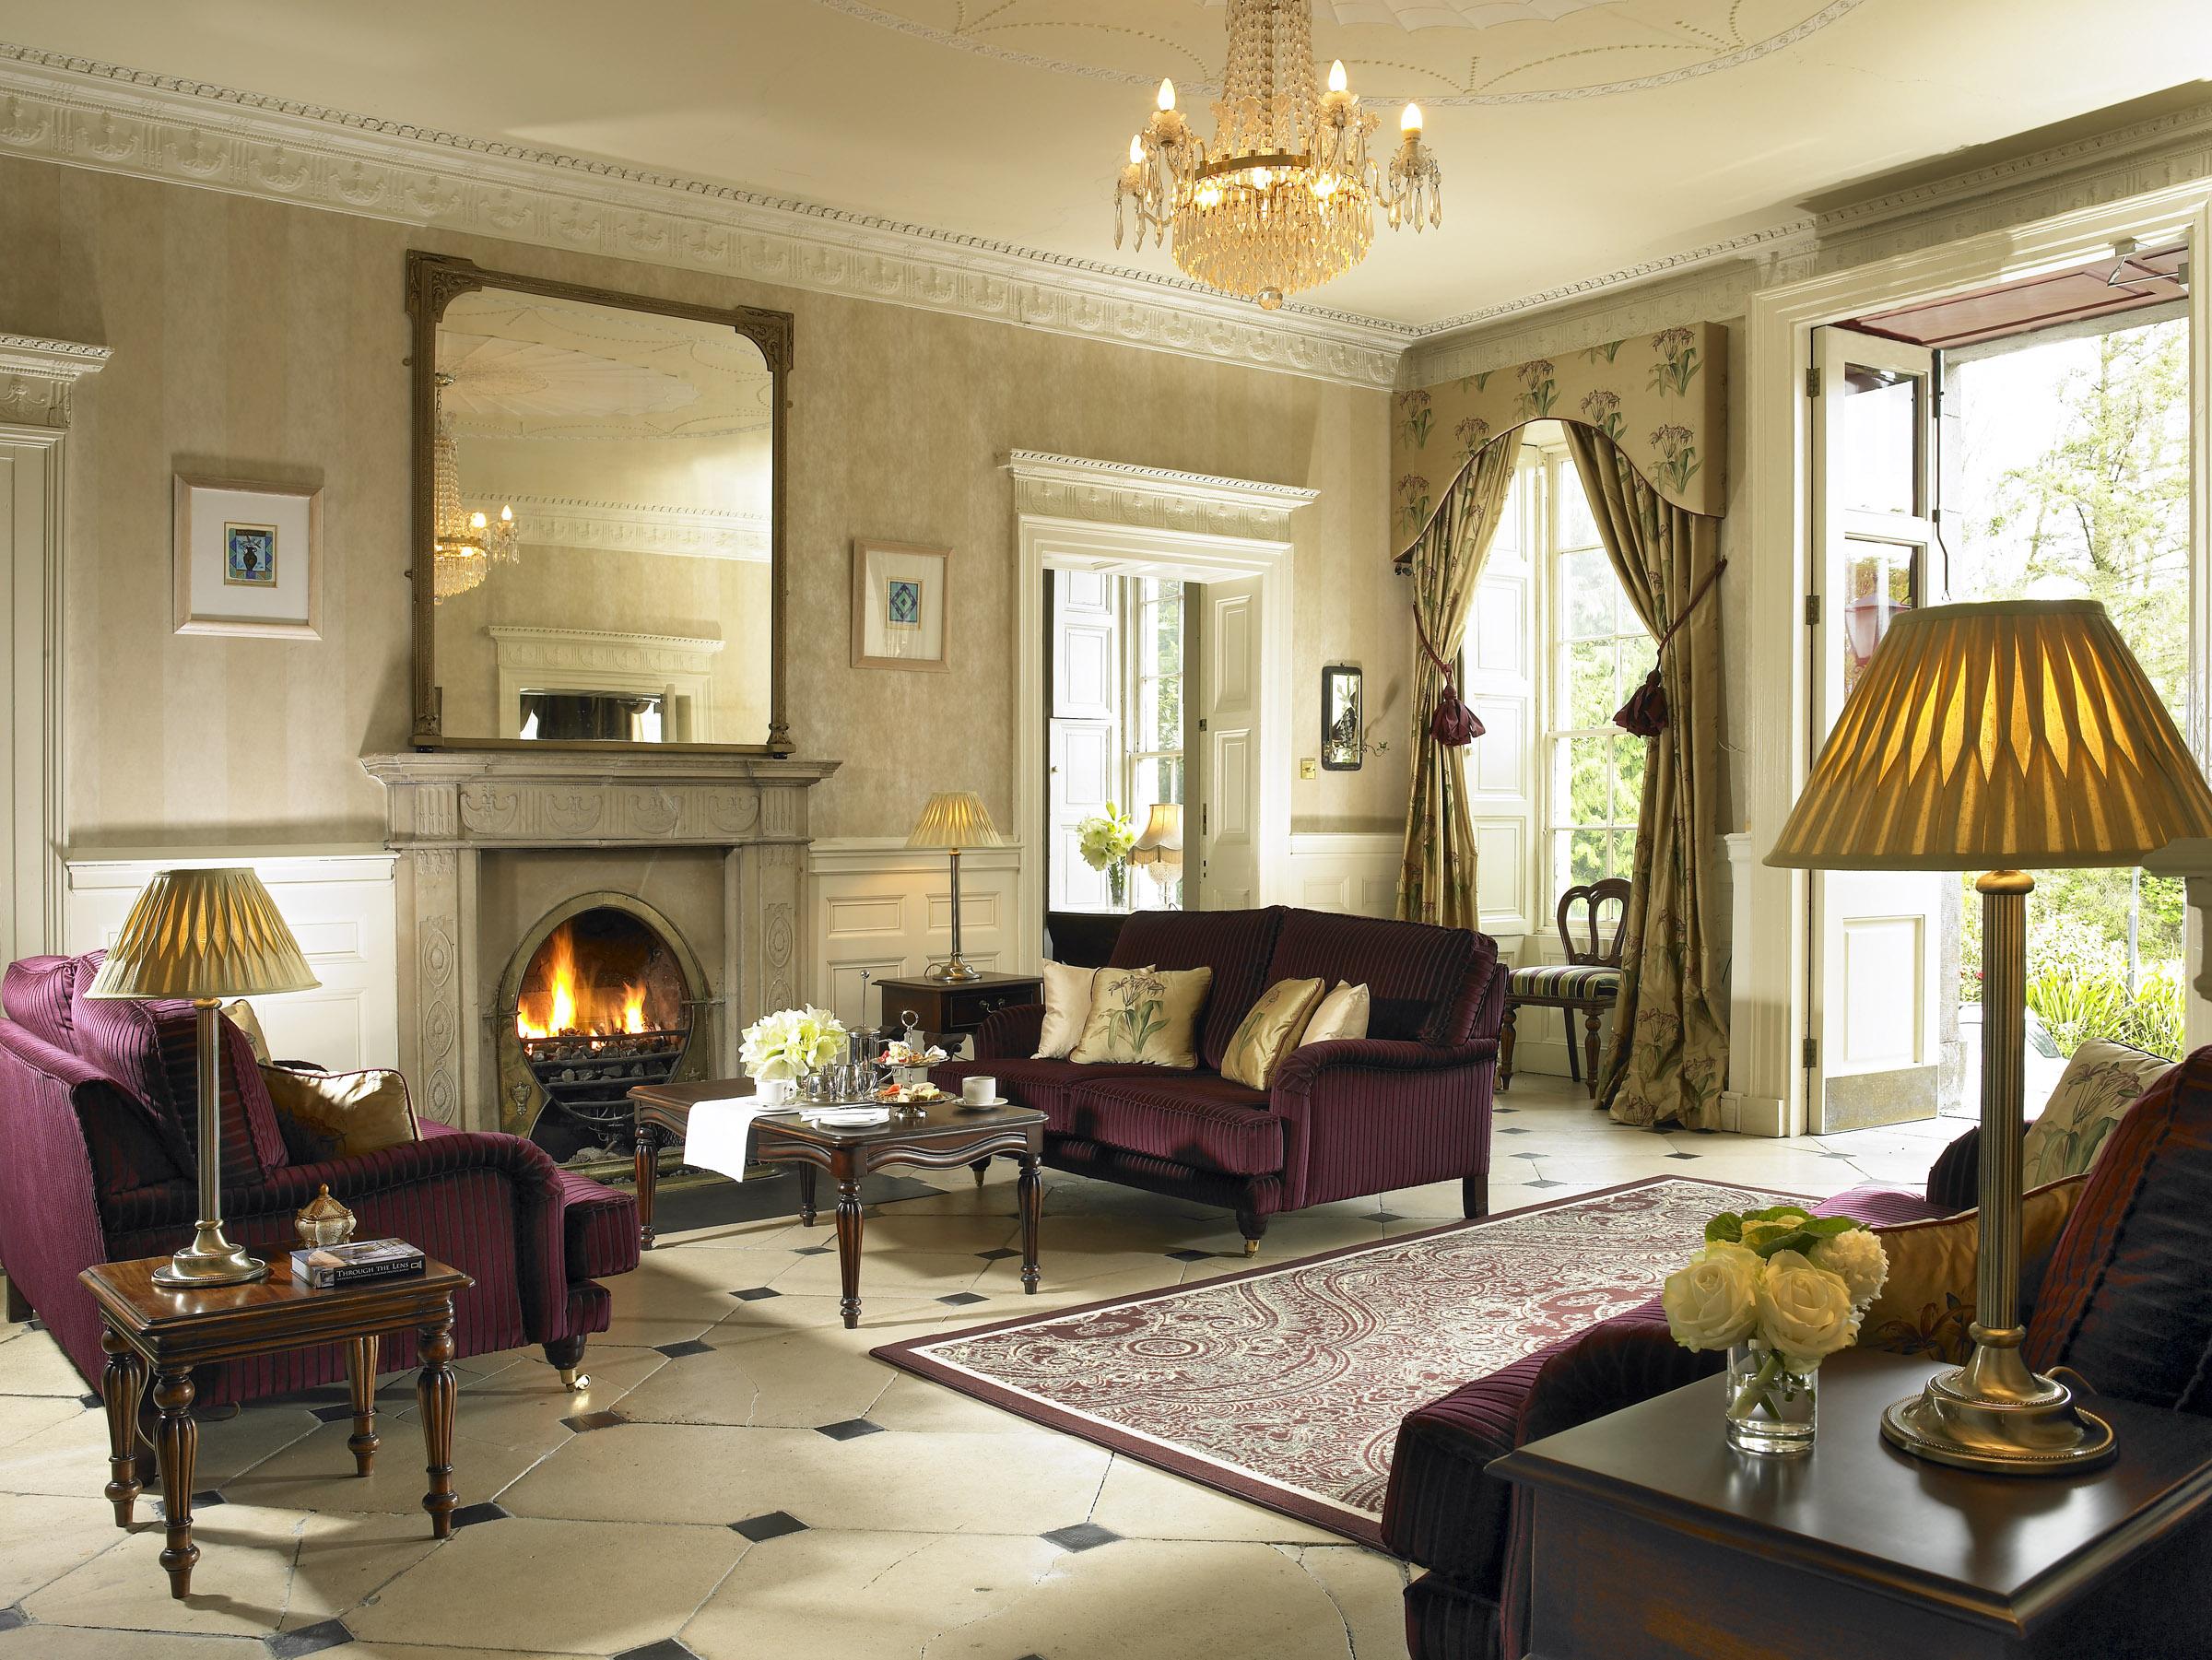 Maryborough House Hotel